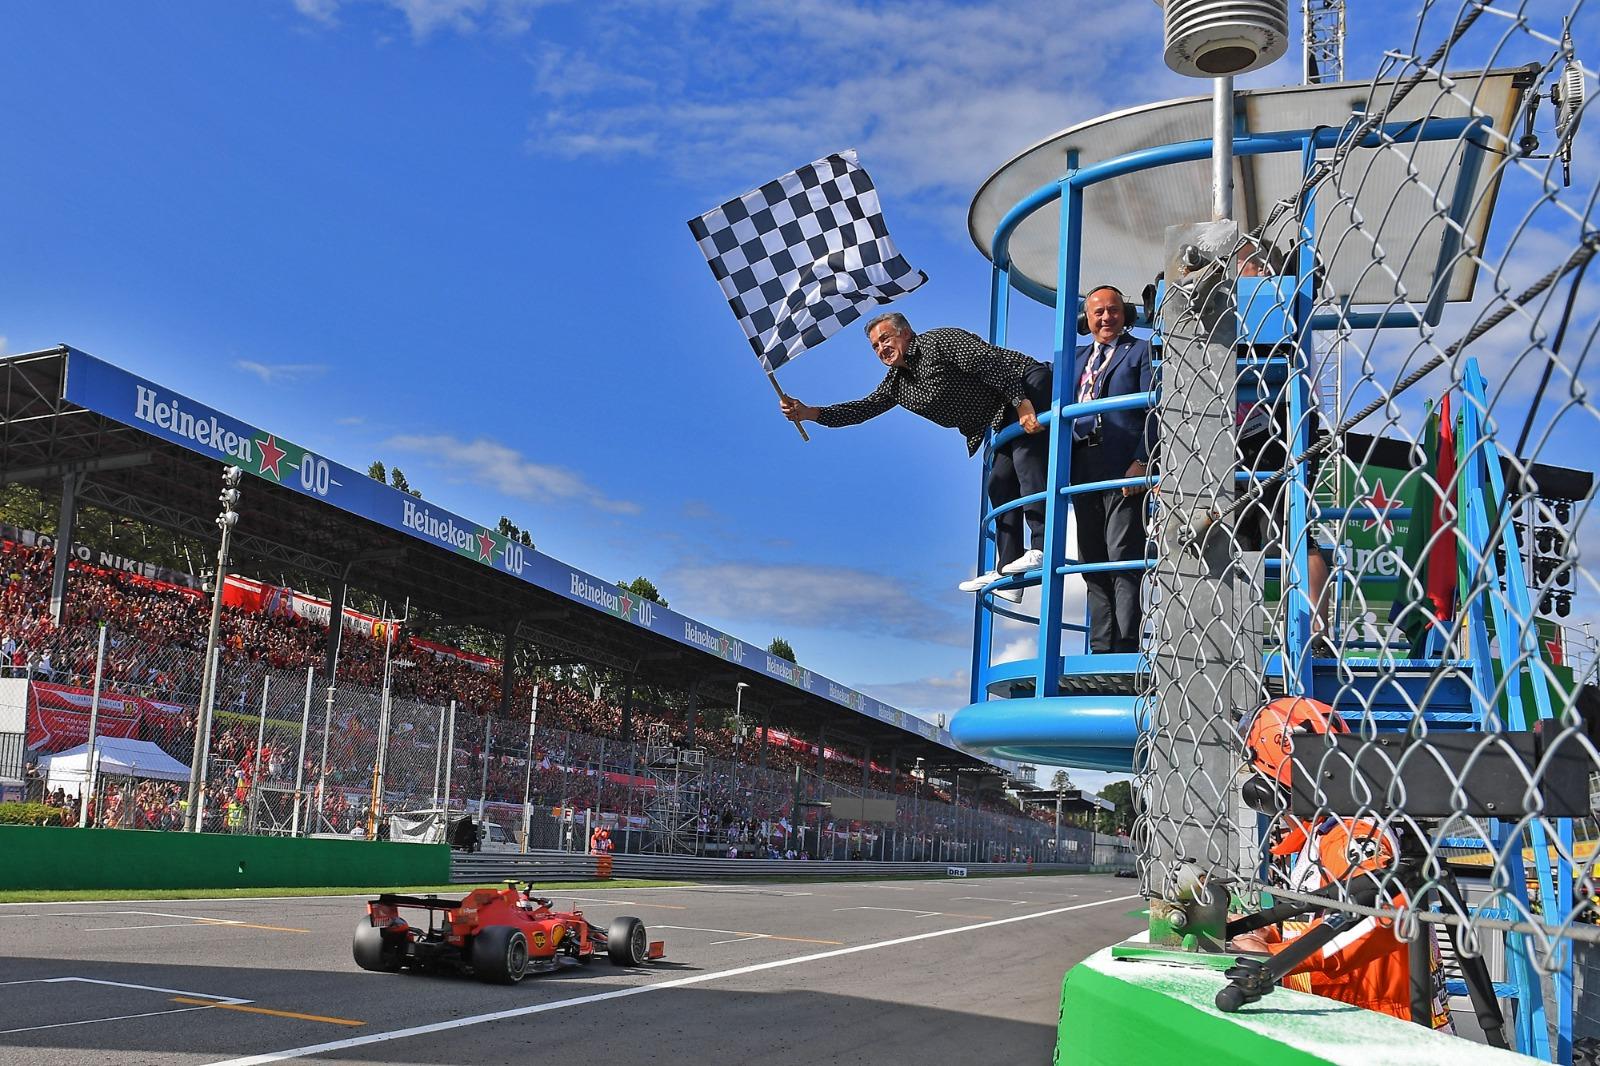 F1: Gp Monza, confermate porte chiuse, ci sarà rimborso biglietti